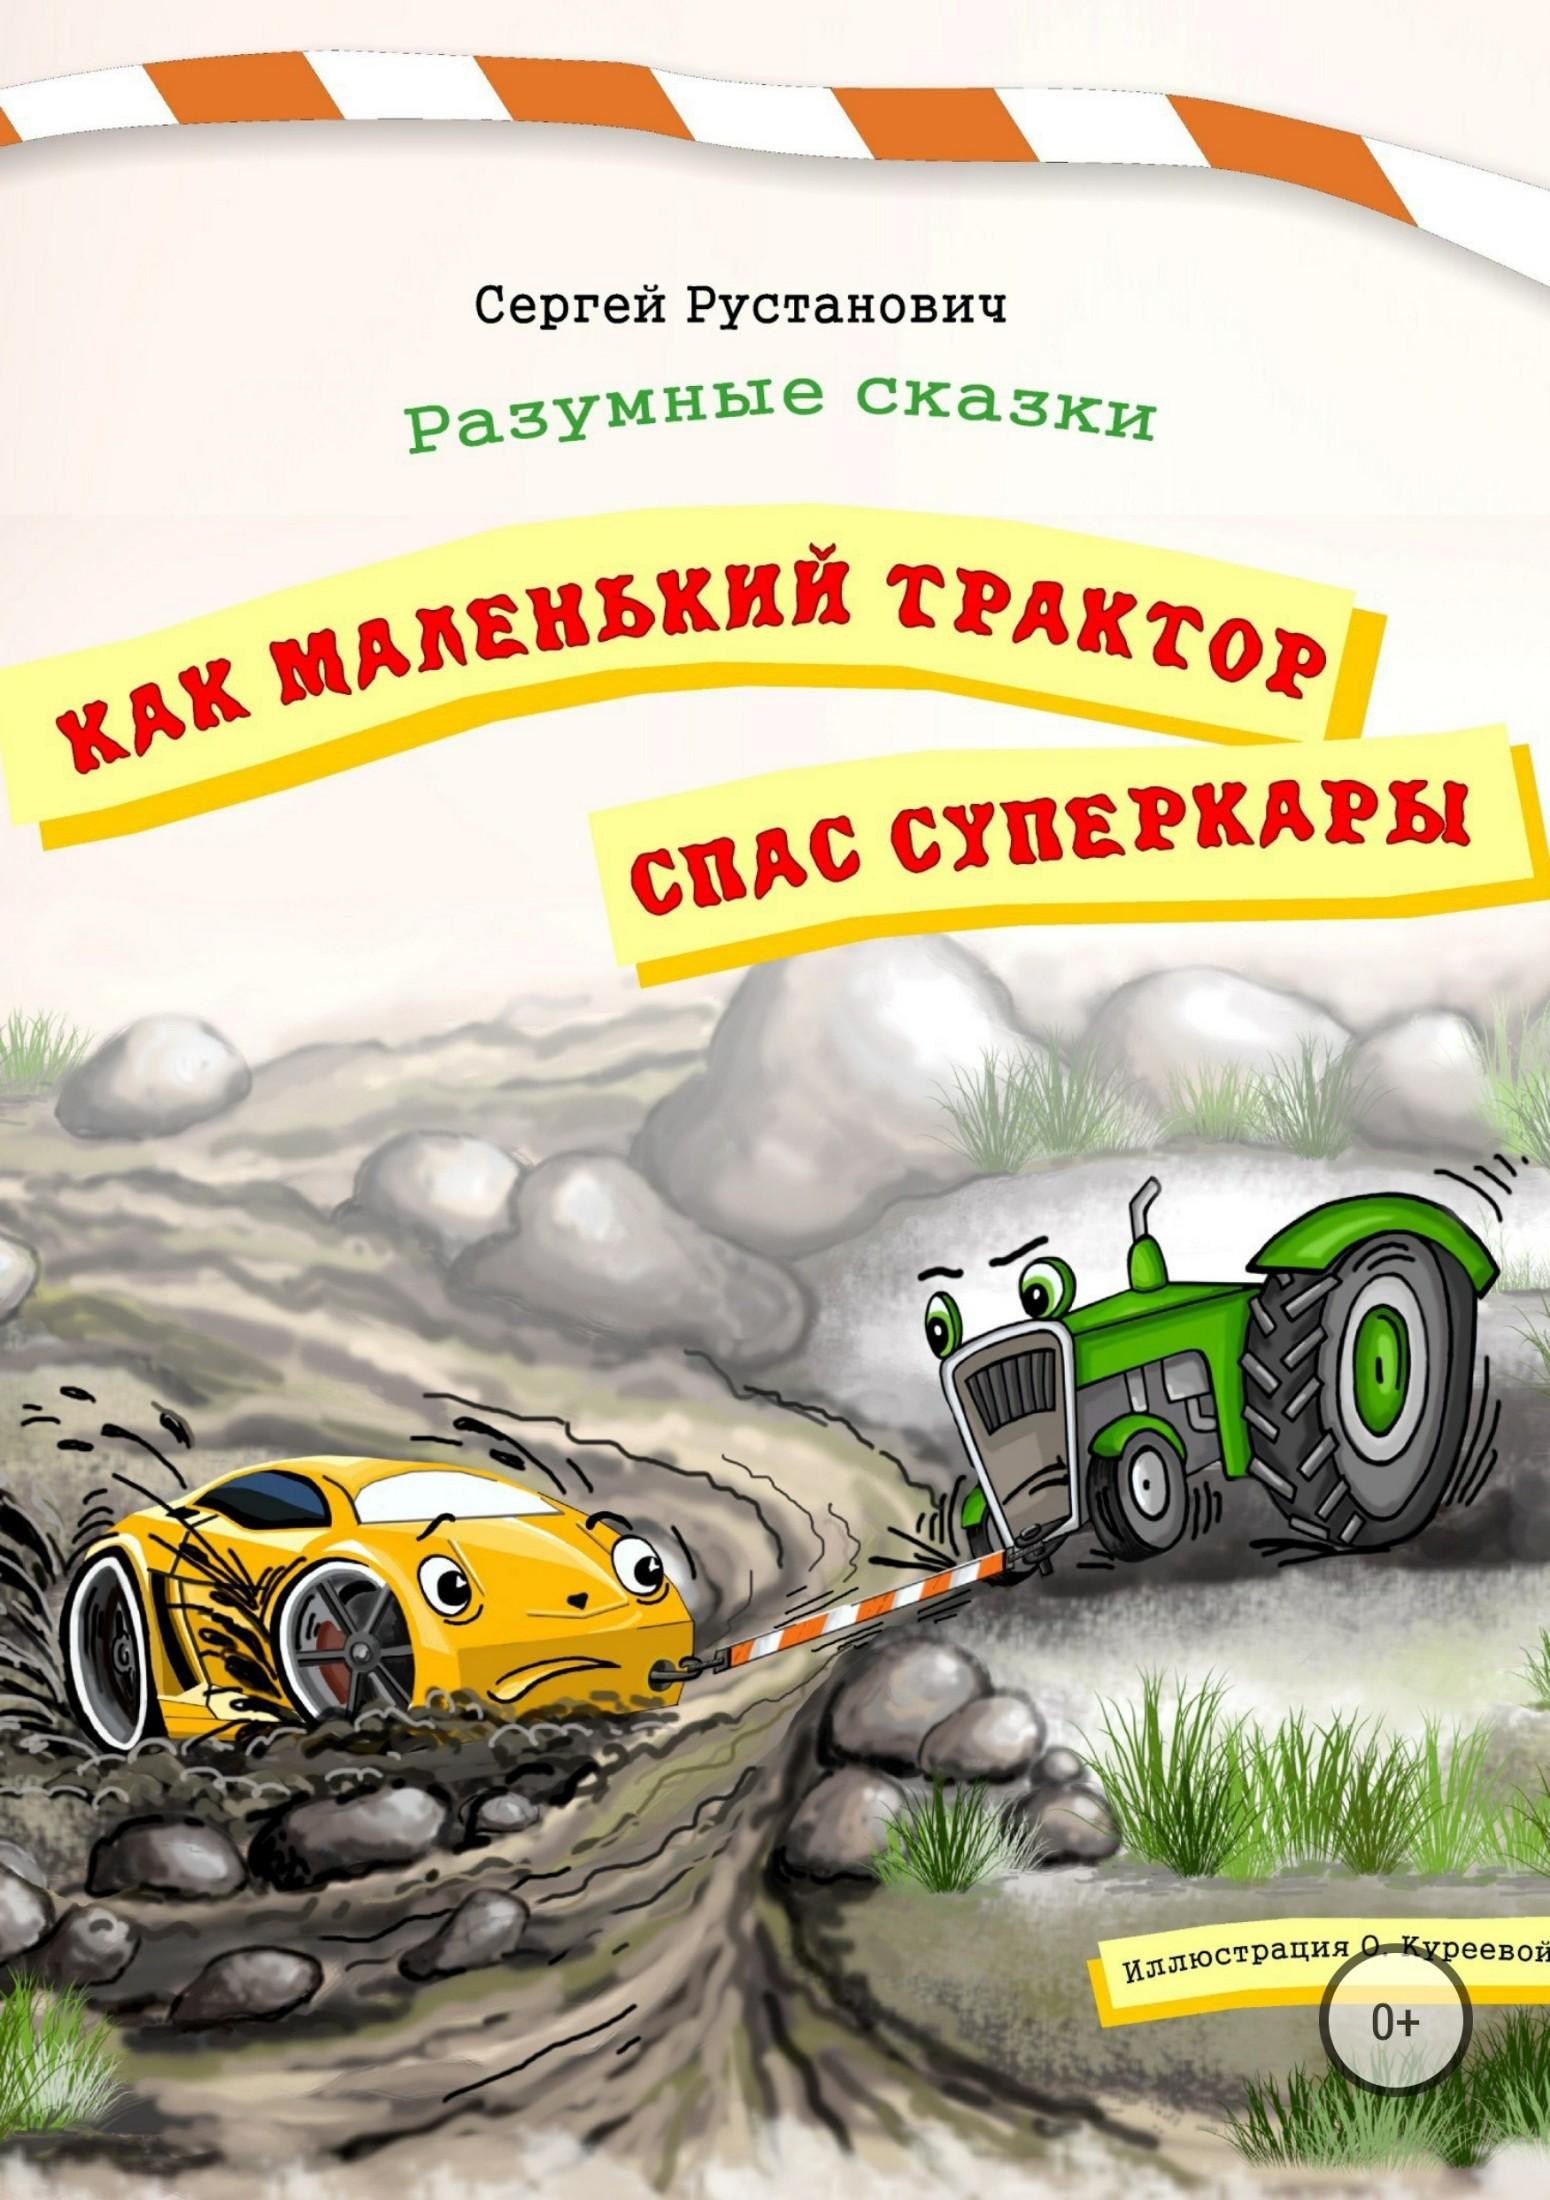 Сергей Рустанович - Как маленький трактор спас суперкары